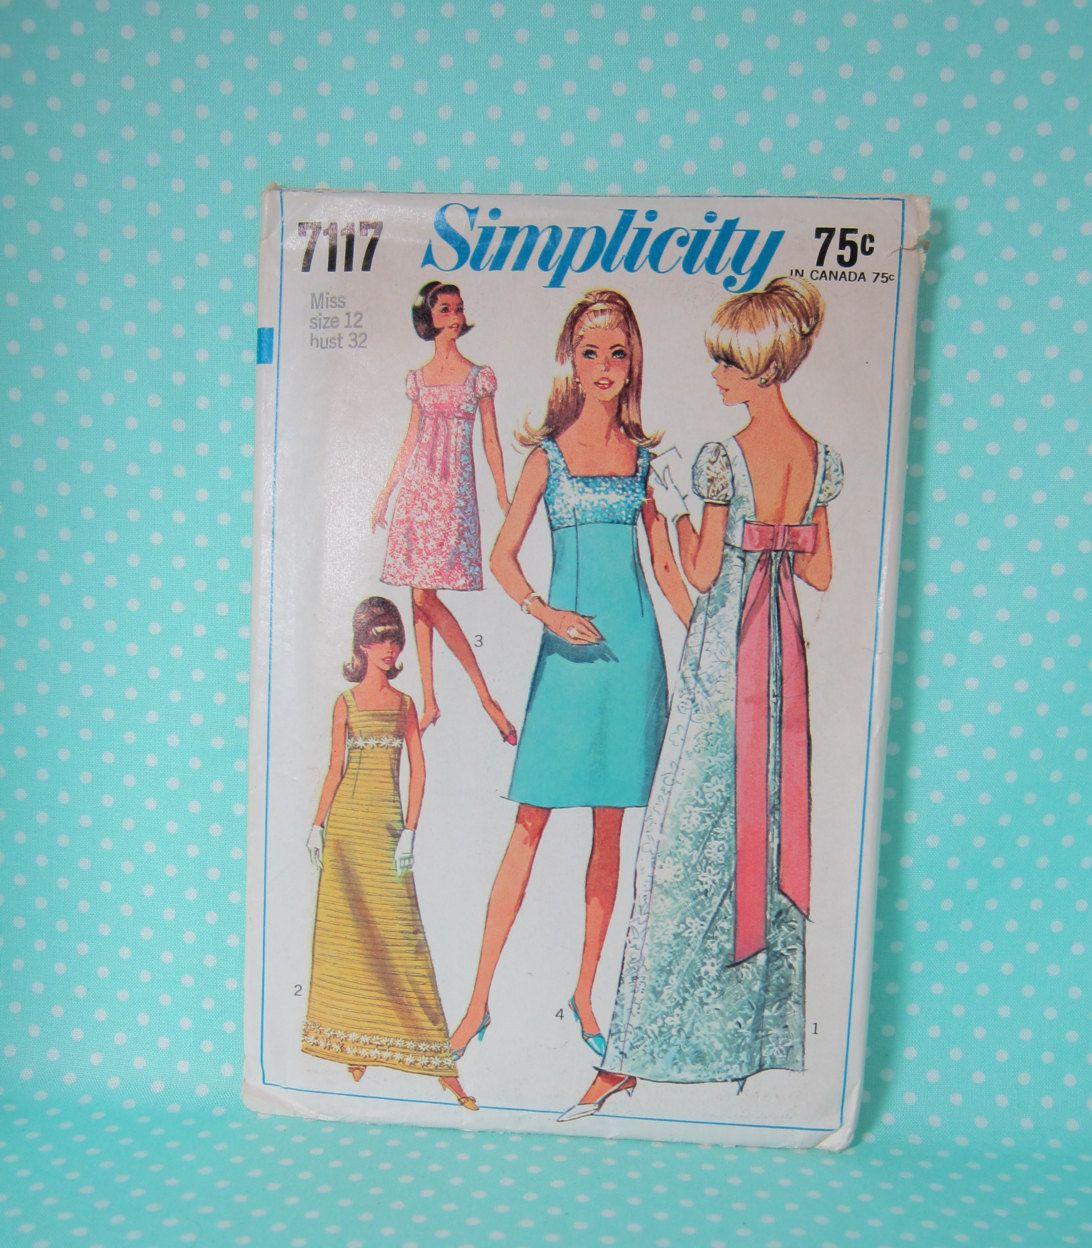 Vintage 1960s Prom Dress Pattern Simplicity 7117 Size 12 Bust 32 Vintage Bridesmaid Vintage Formal Dress Pattern 1967 Cheapest Shipping Prom Dress Pattern Vintage Formal Dresses Simplicity Patterns Dresses [ 1248 x 1092 Pixel ]